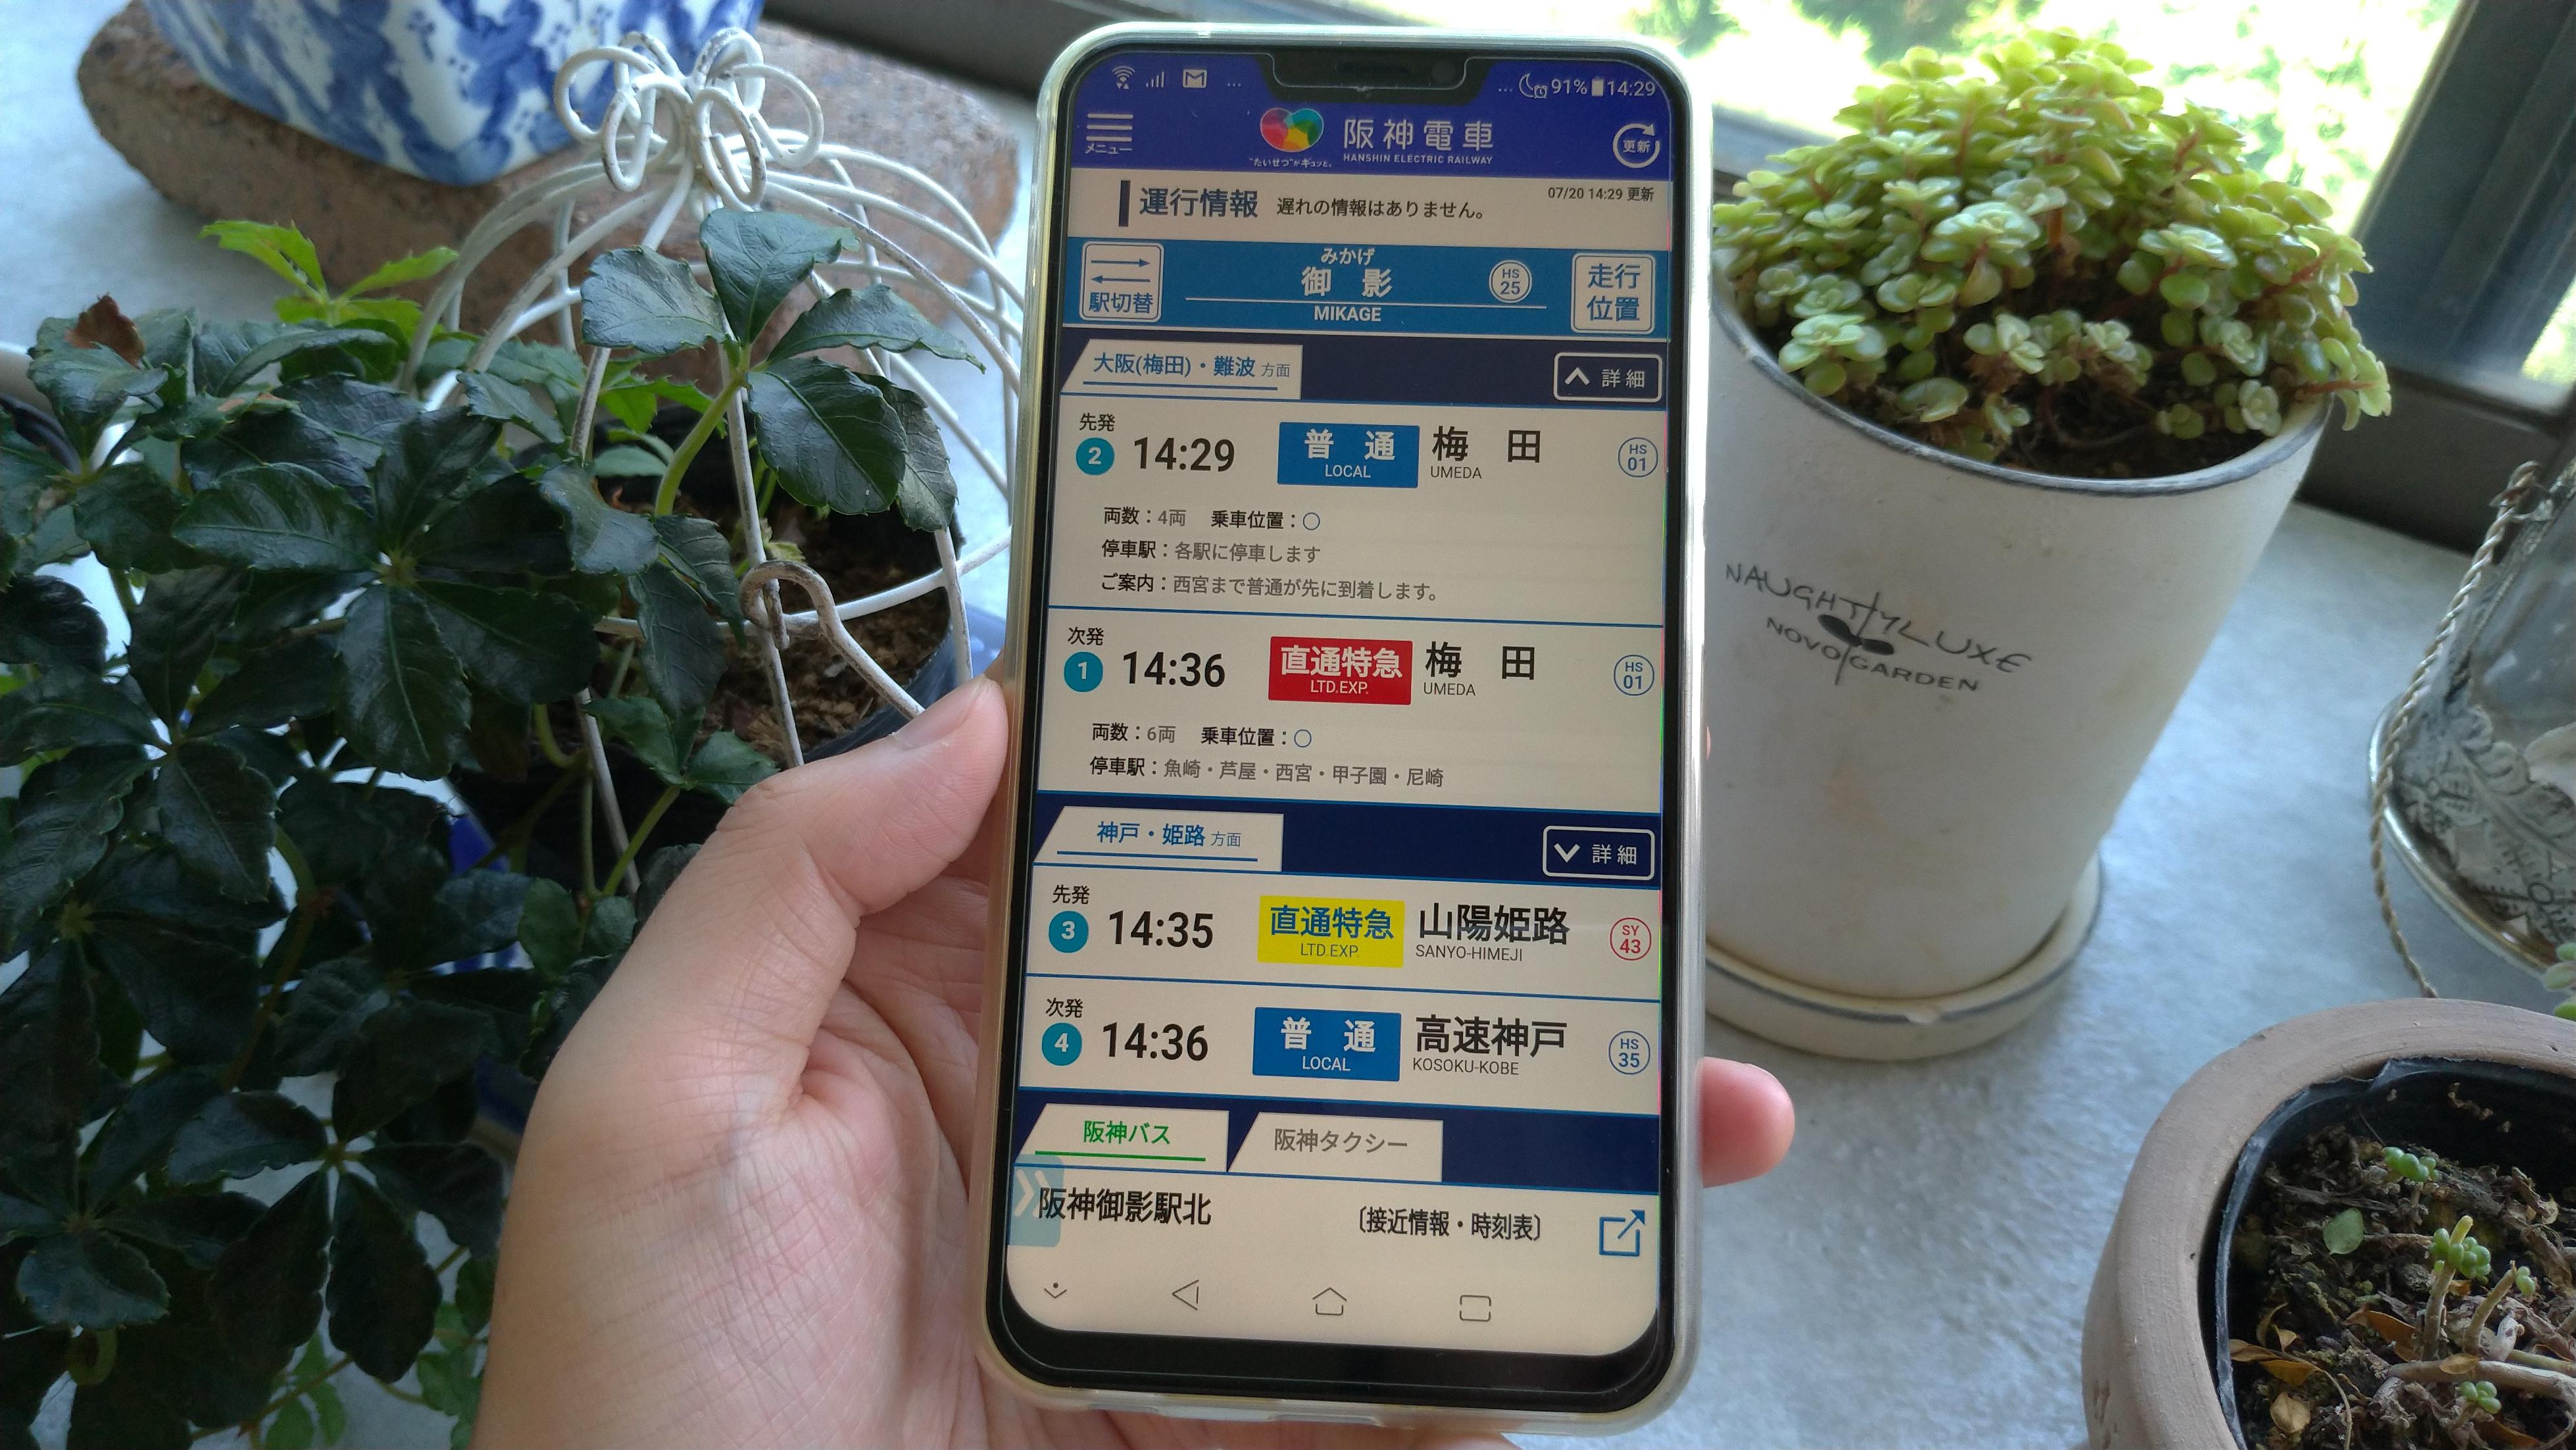 阪神電車の公式アプリ「阪神アプリ」